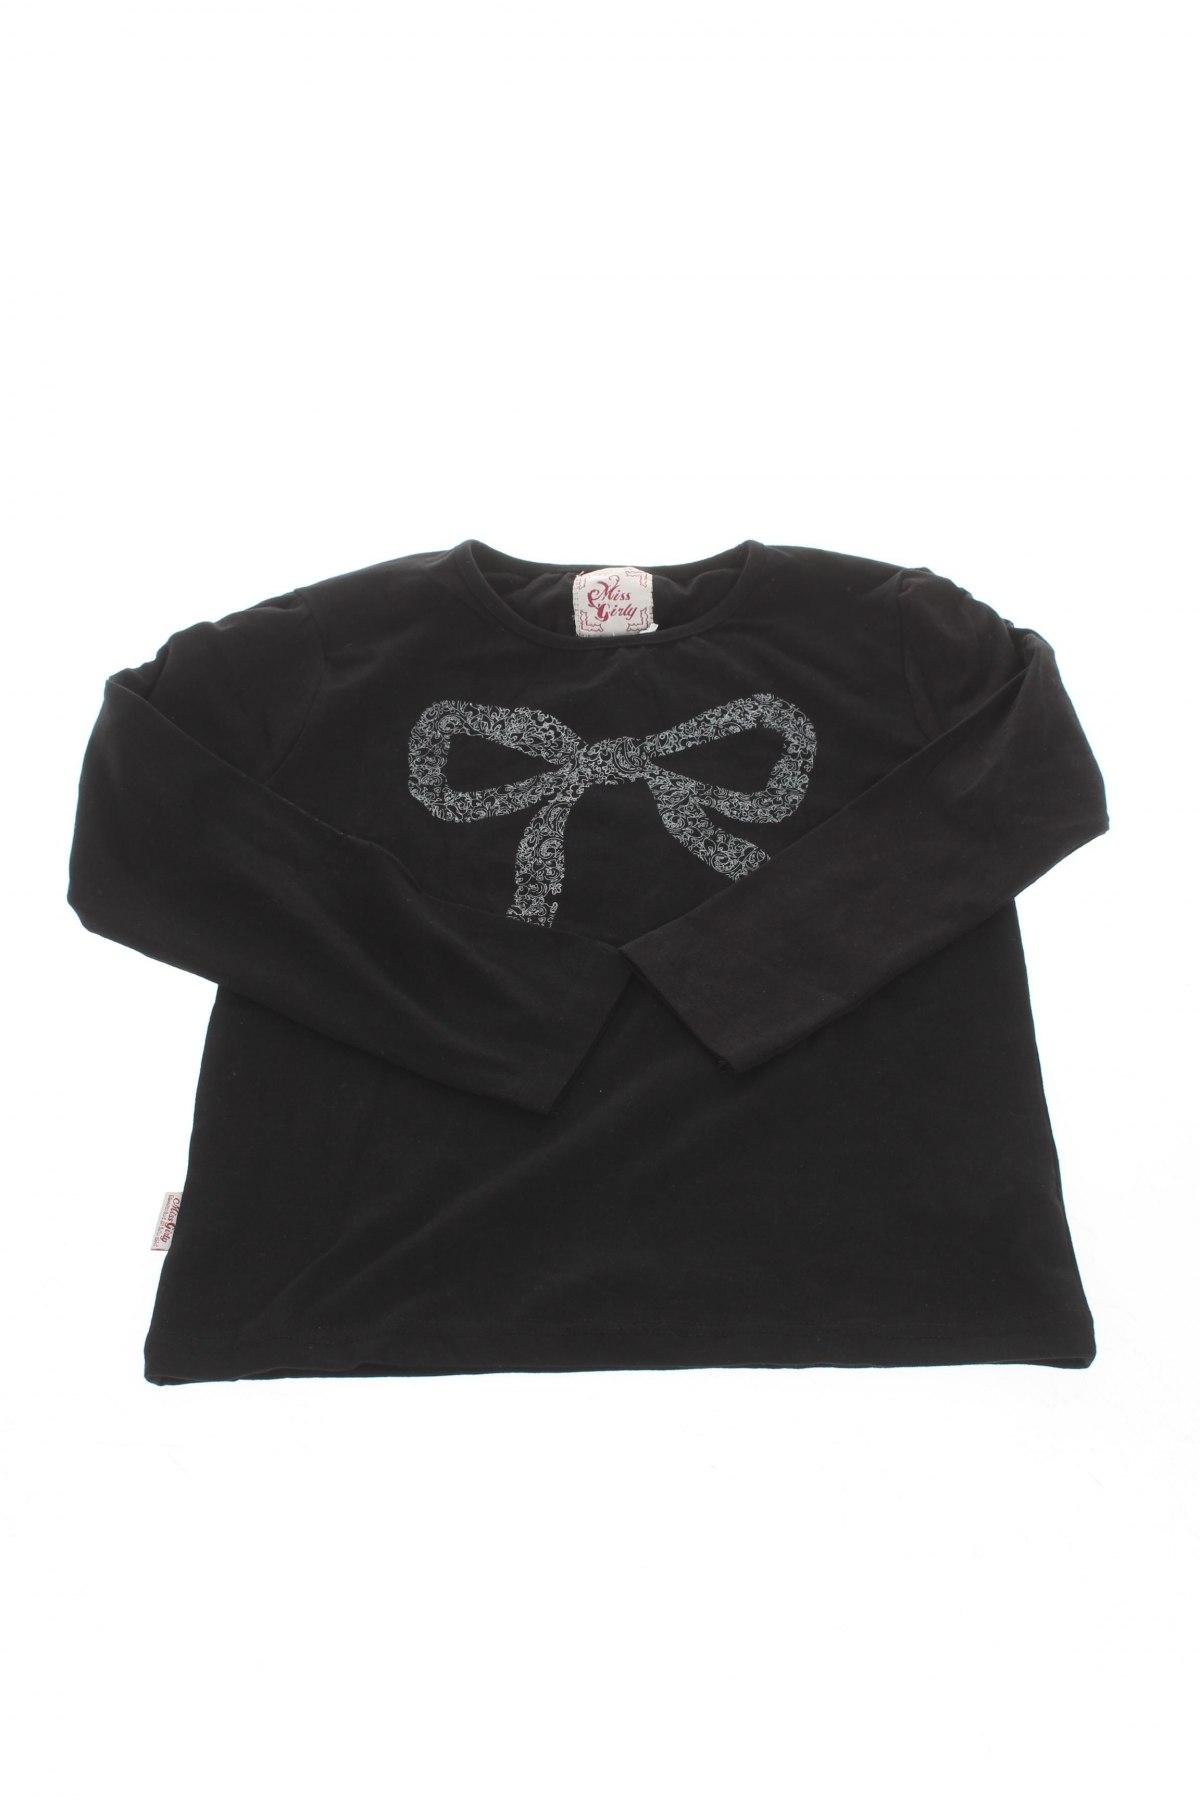 Παιδική μπλούζα Miss Girly